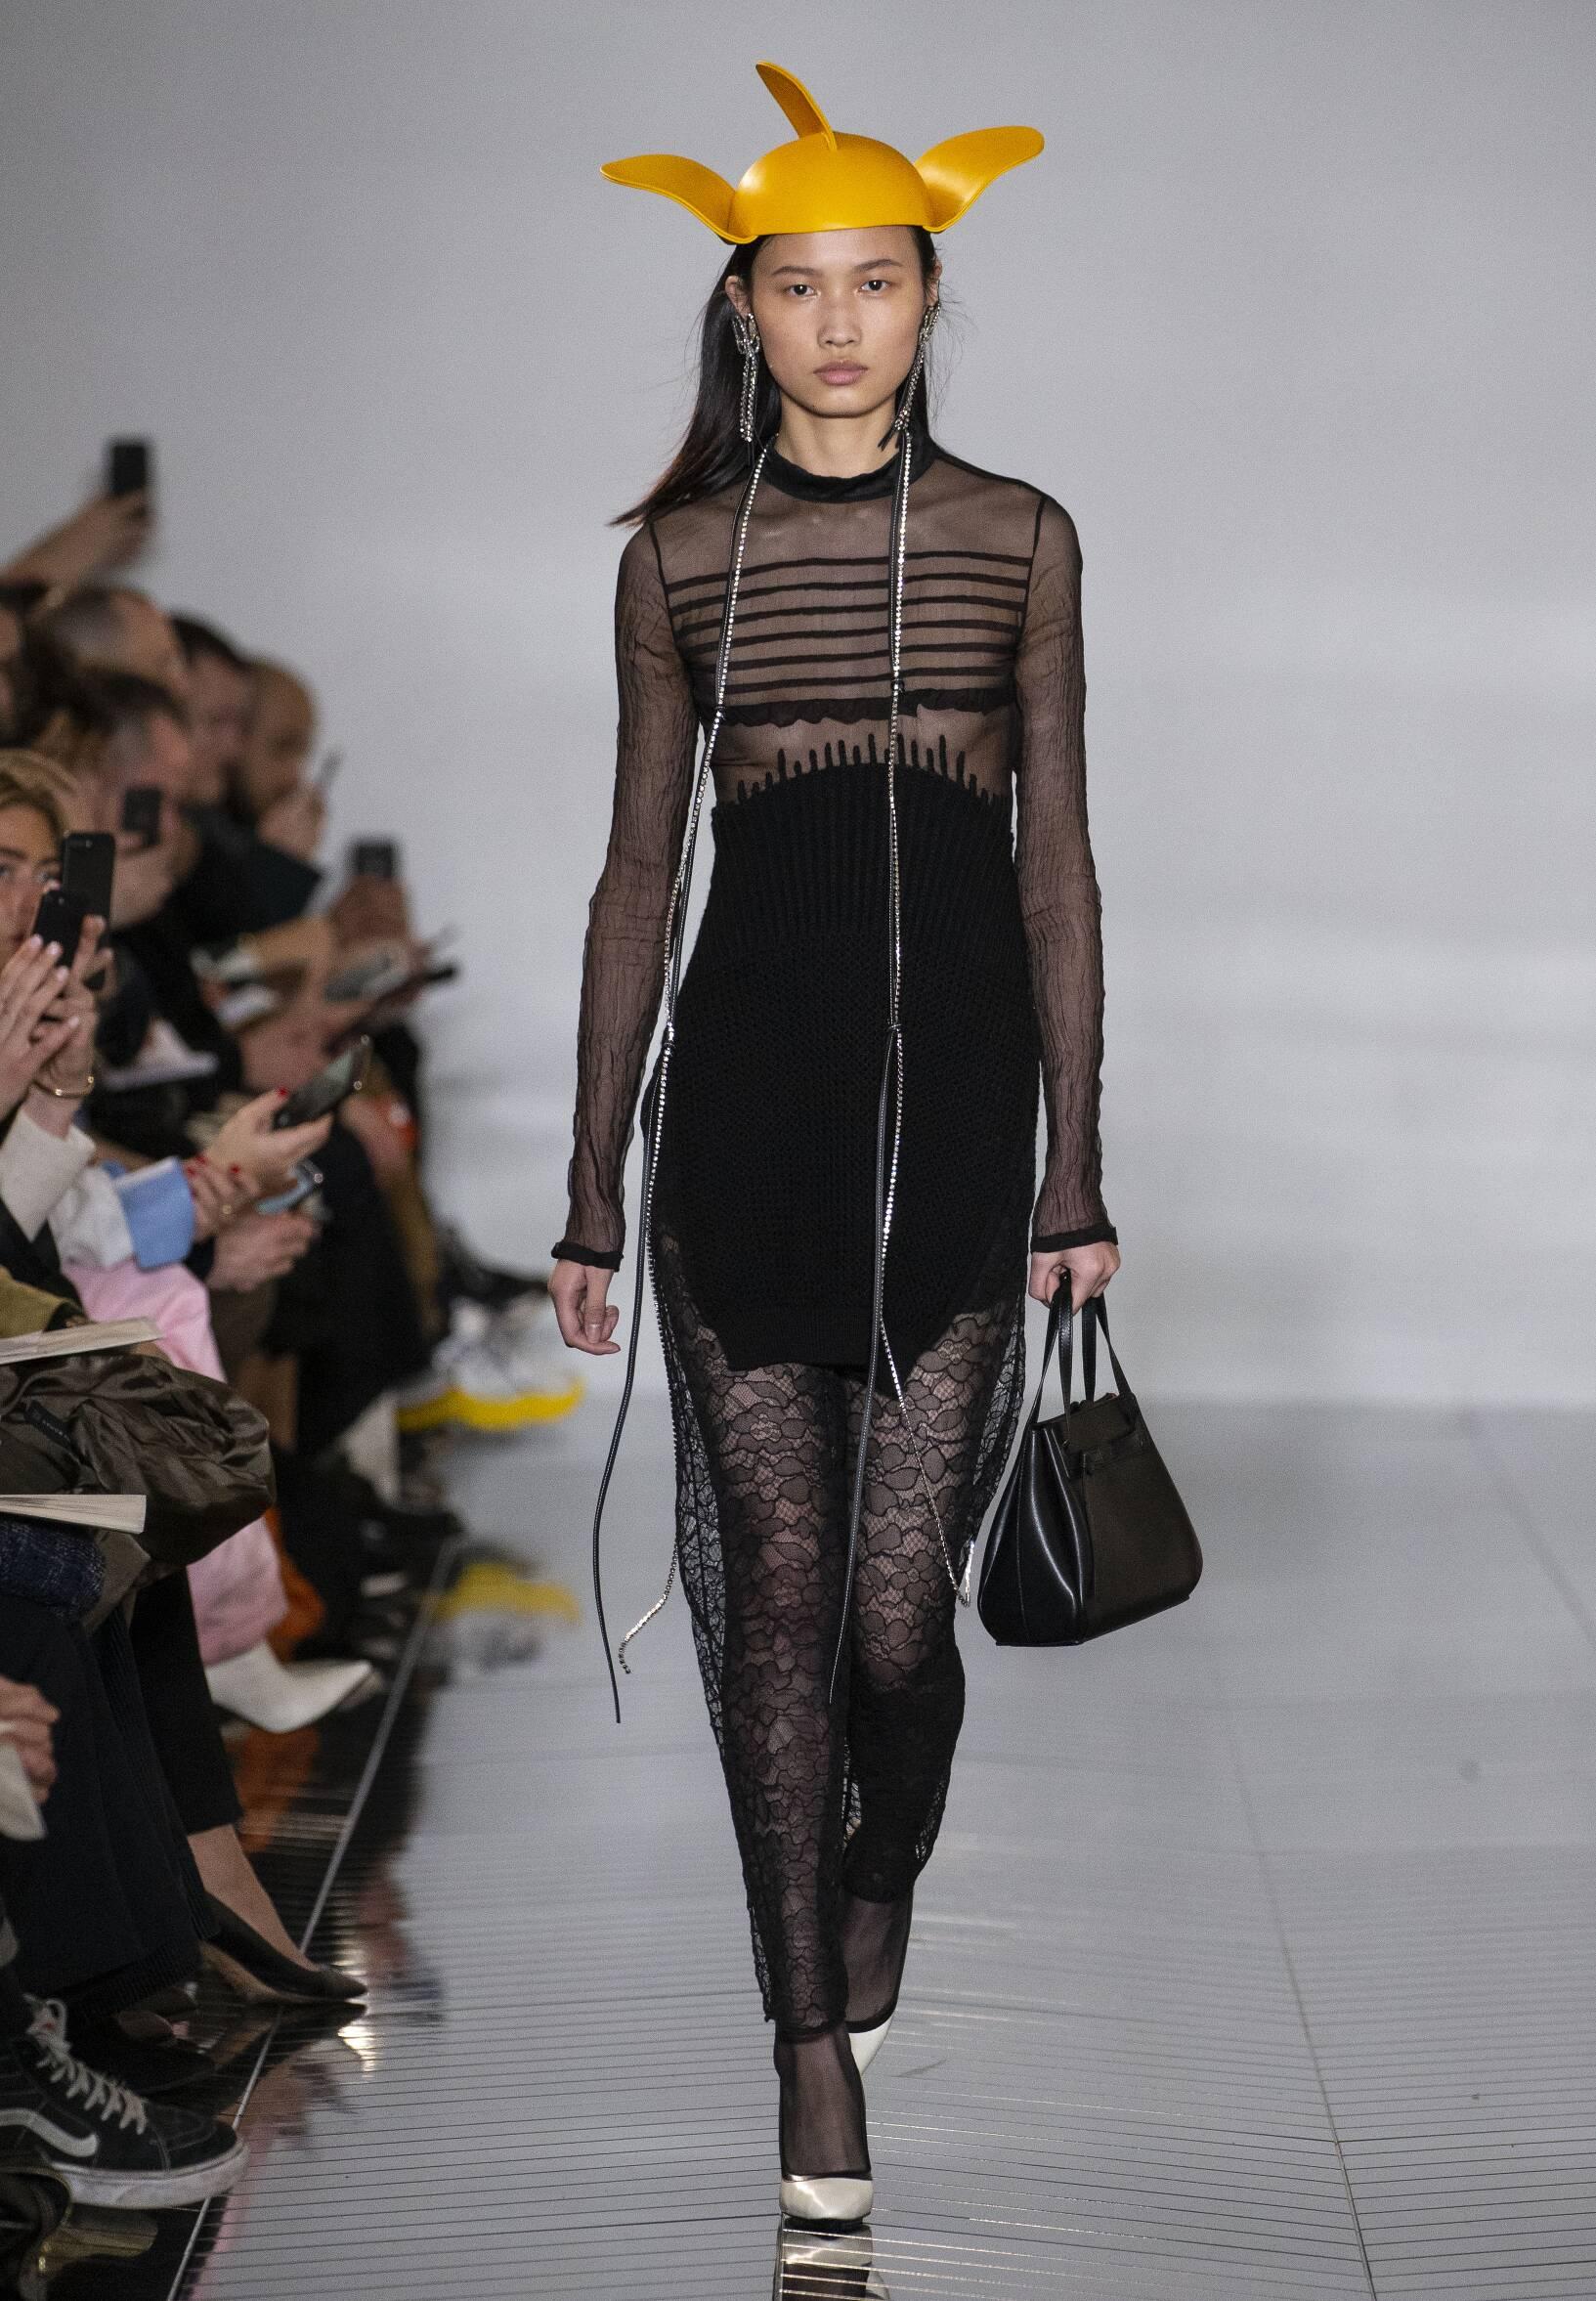 Woman FW 2019 Loewe Show Paris Fashion Week